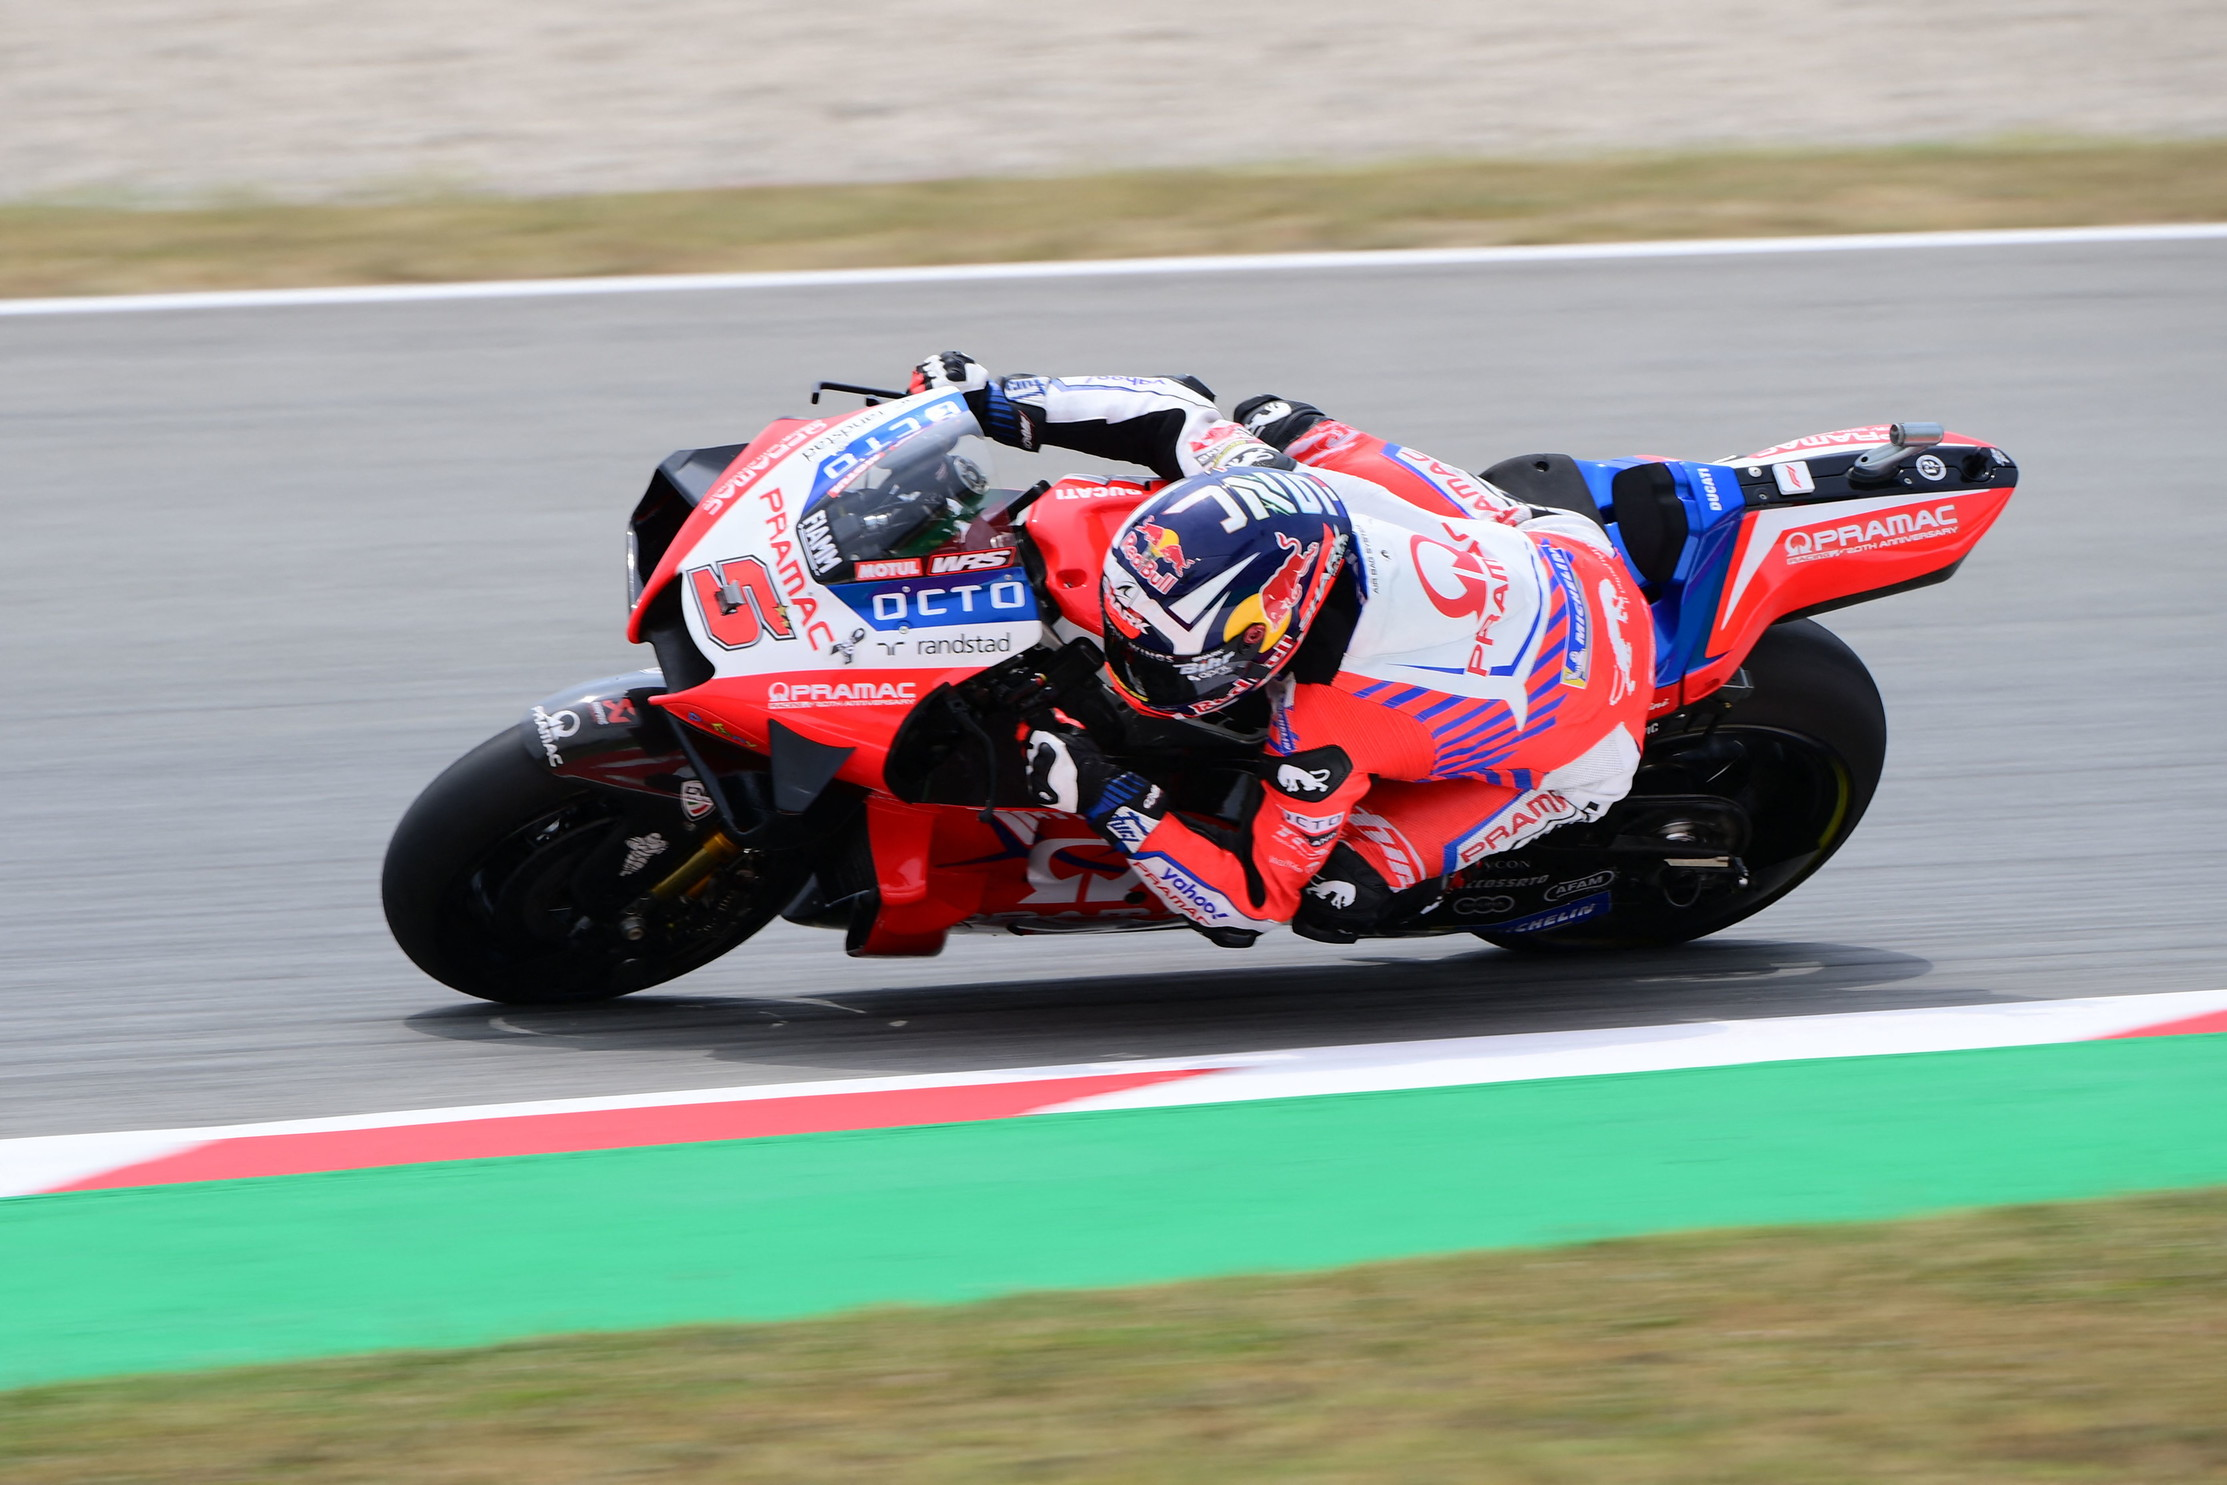 Il pilota francese conquista la quinta pole consecutiva in stagione davanti alle Ducati di Miller e Zarco<br /><br />